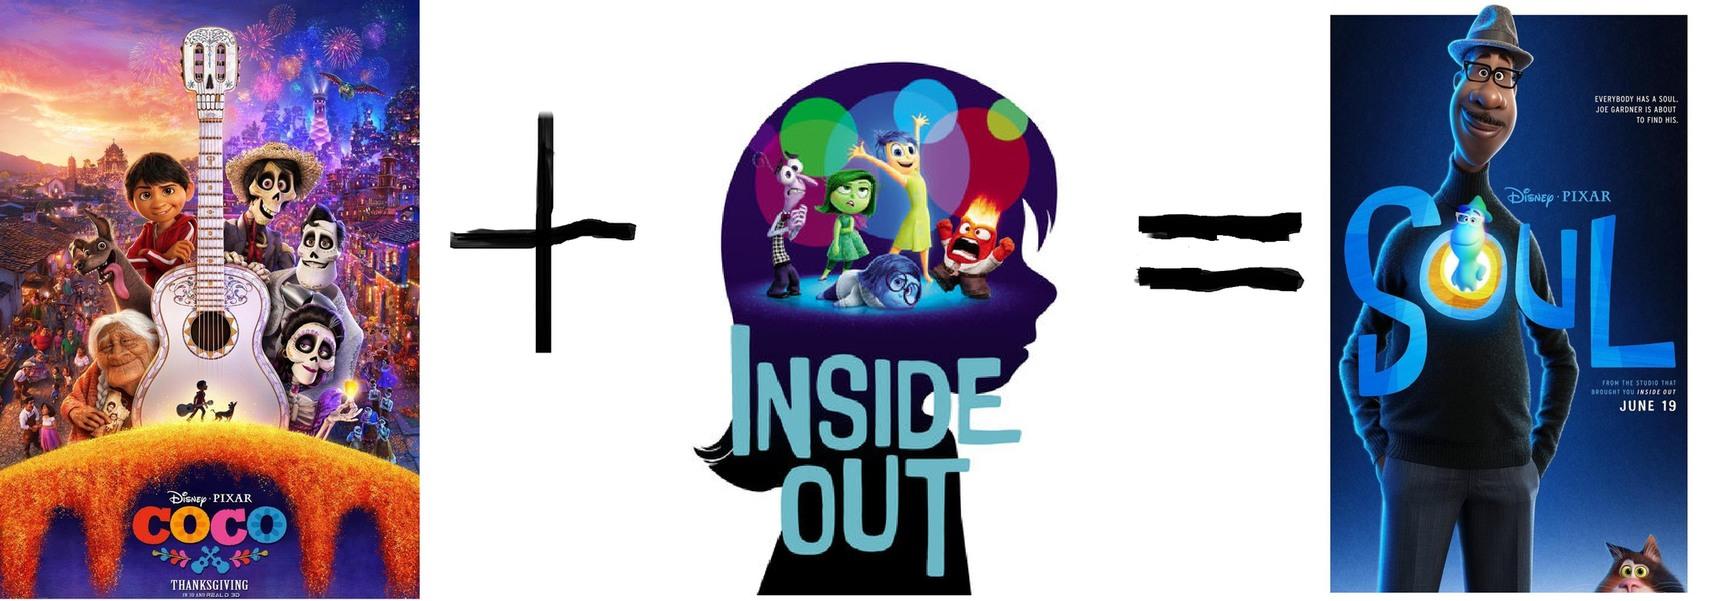 La trilogía de existencialismo de pixar - meme